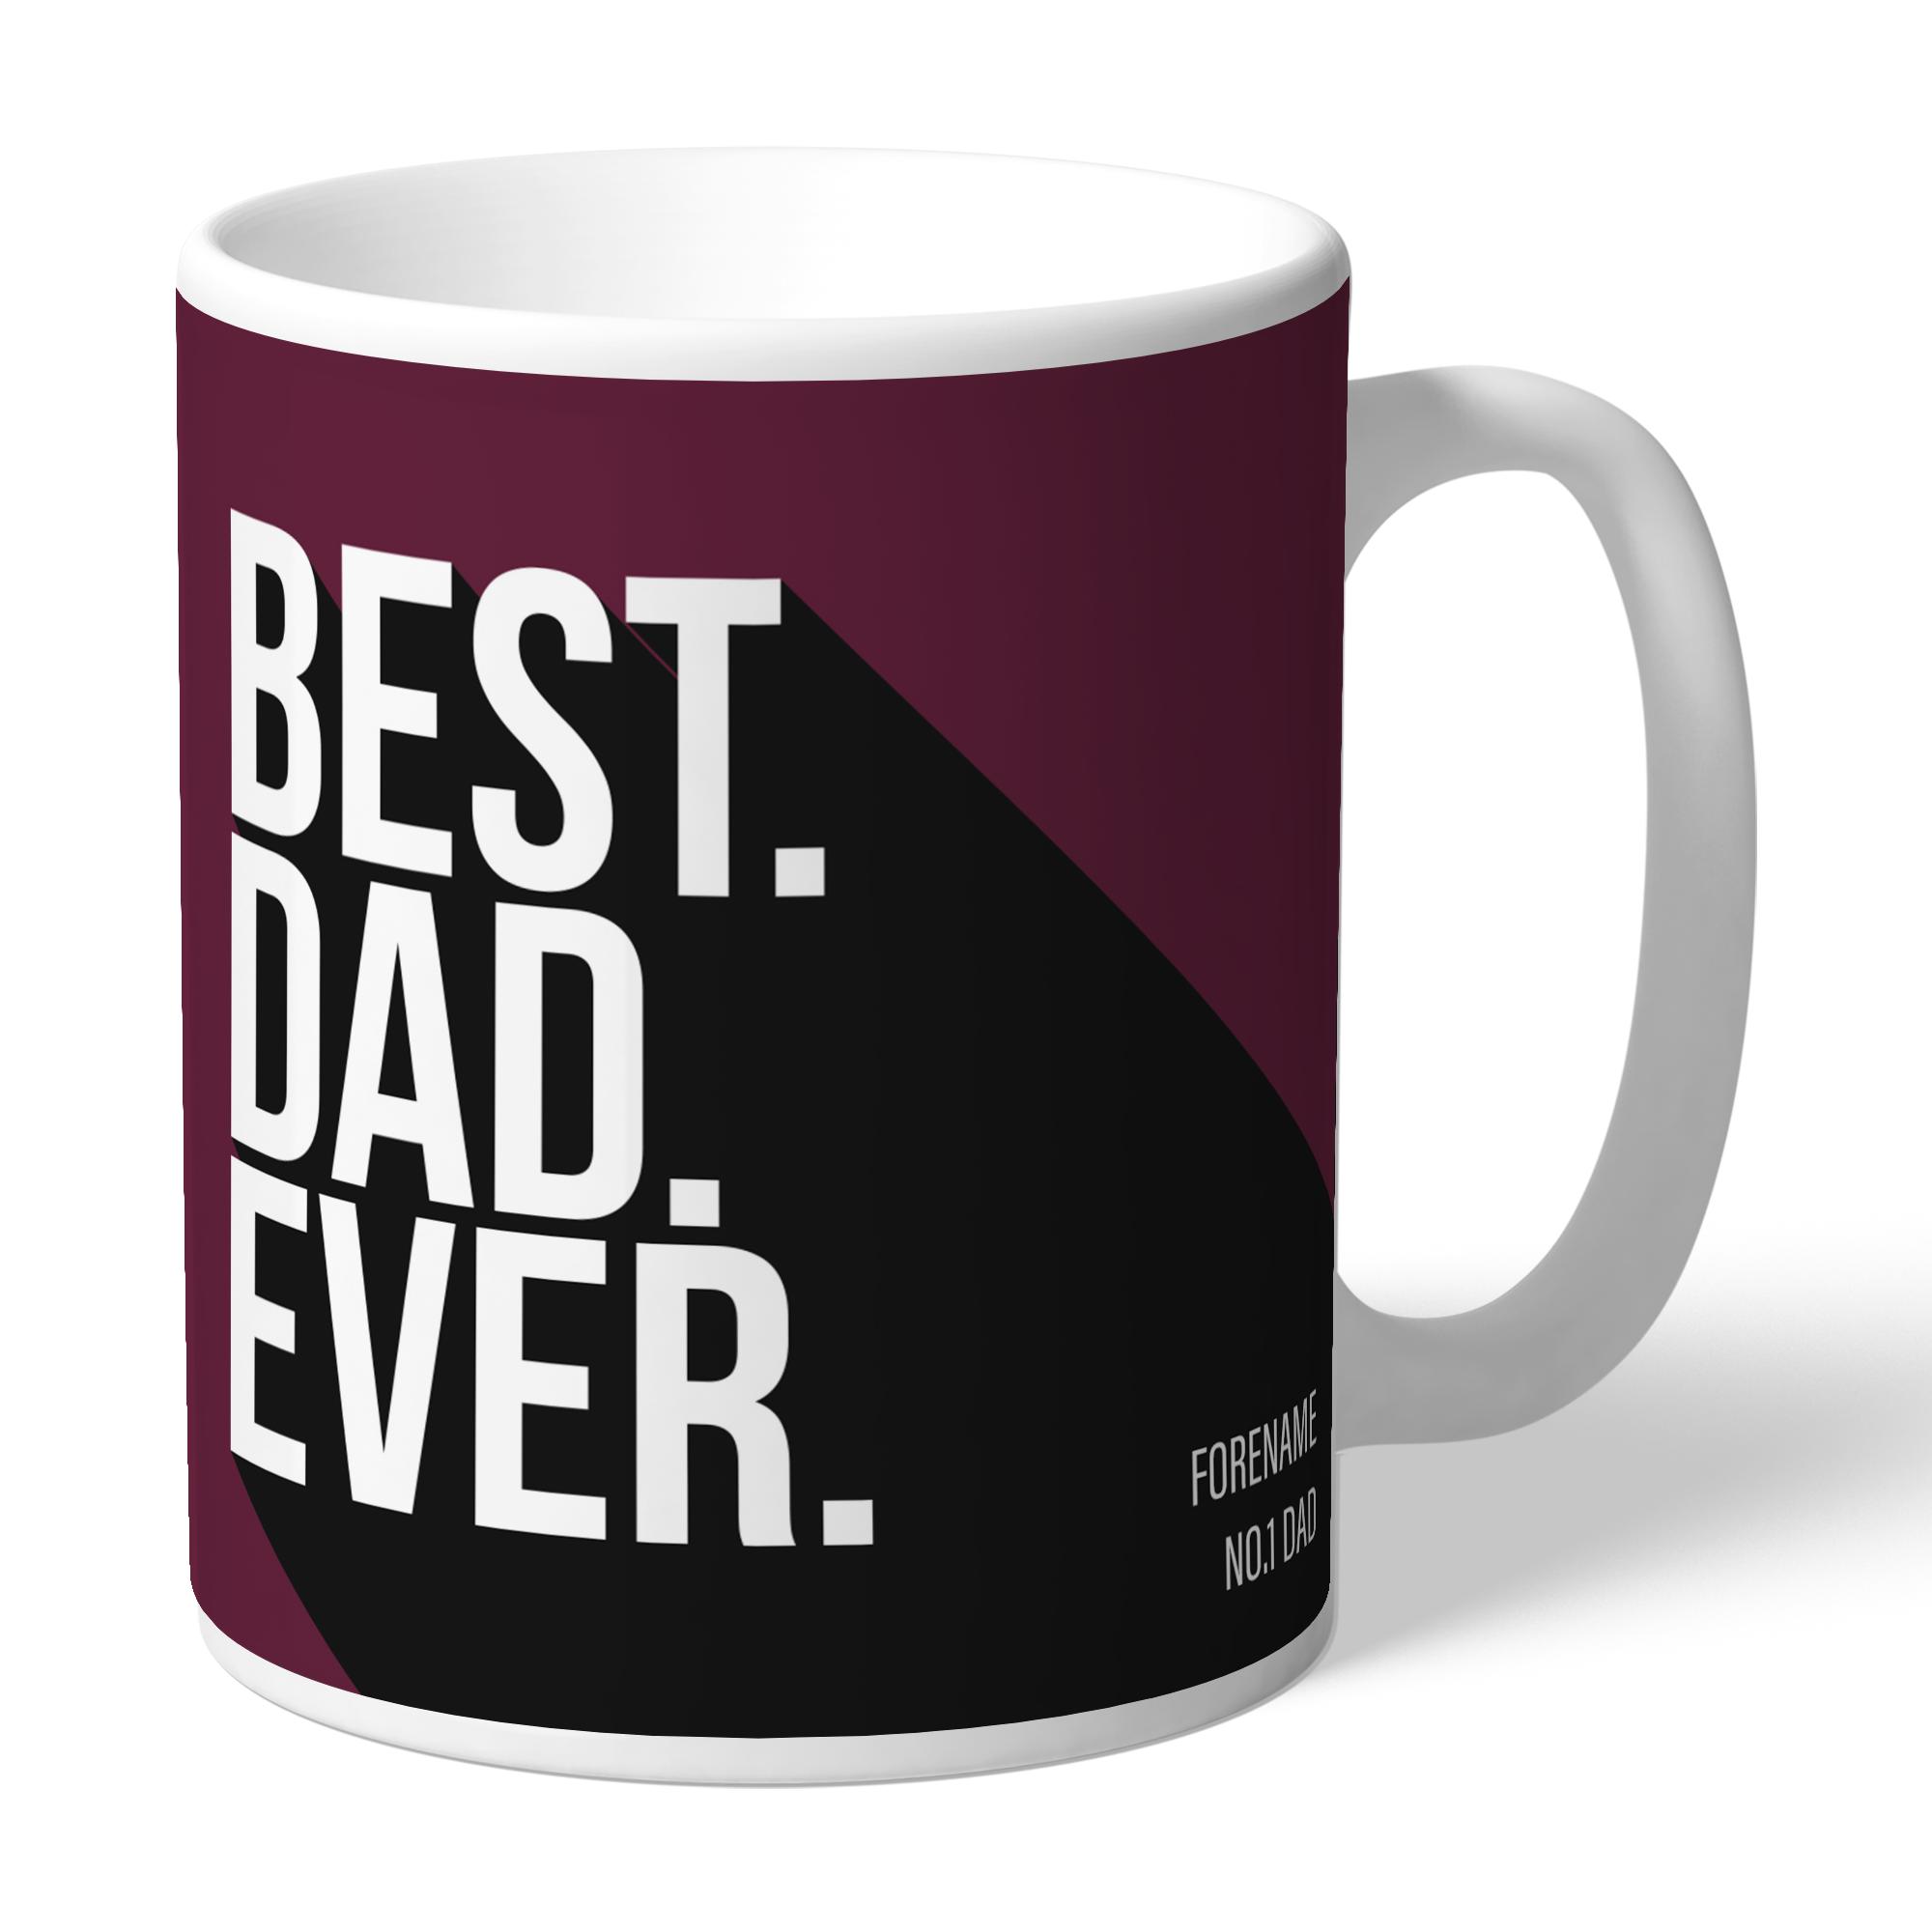 Burnley FC Best Dad Ever Mug